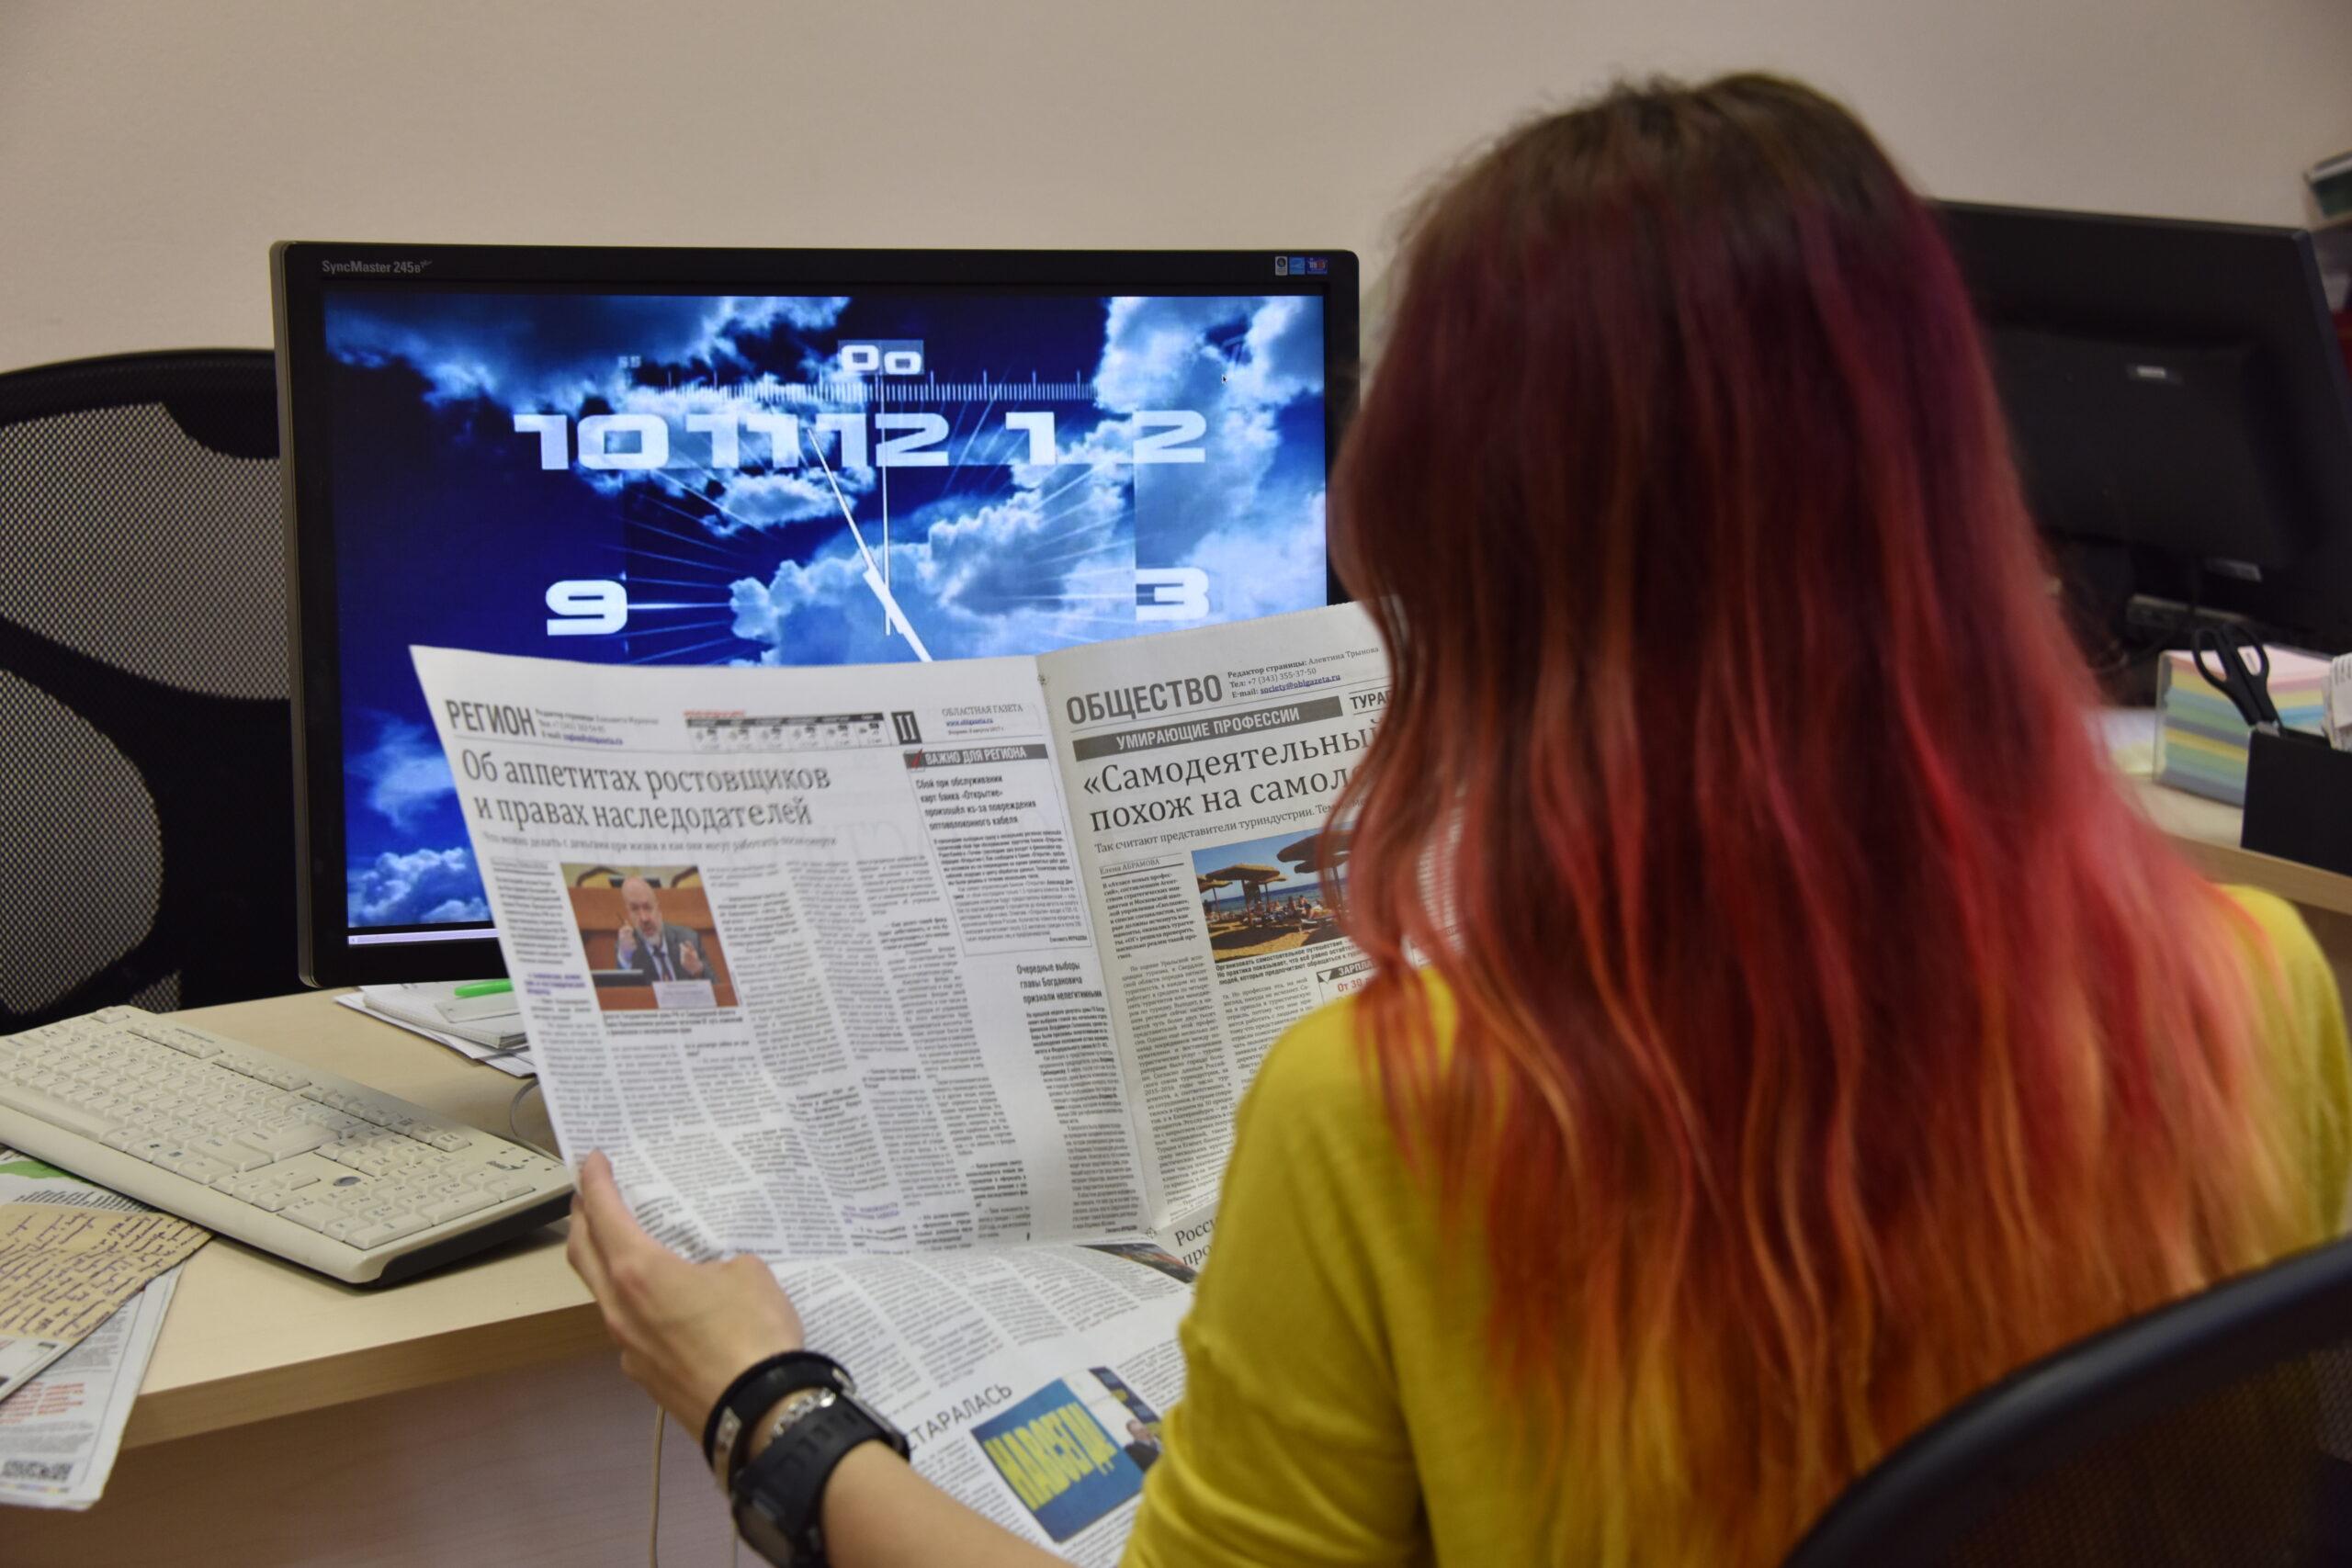 СЖР проводит мониторинг влияния эпидемии коронавируса на работу российских СМИ в минувшем году